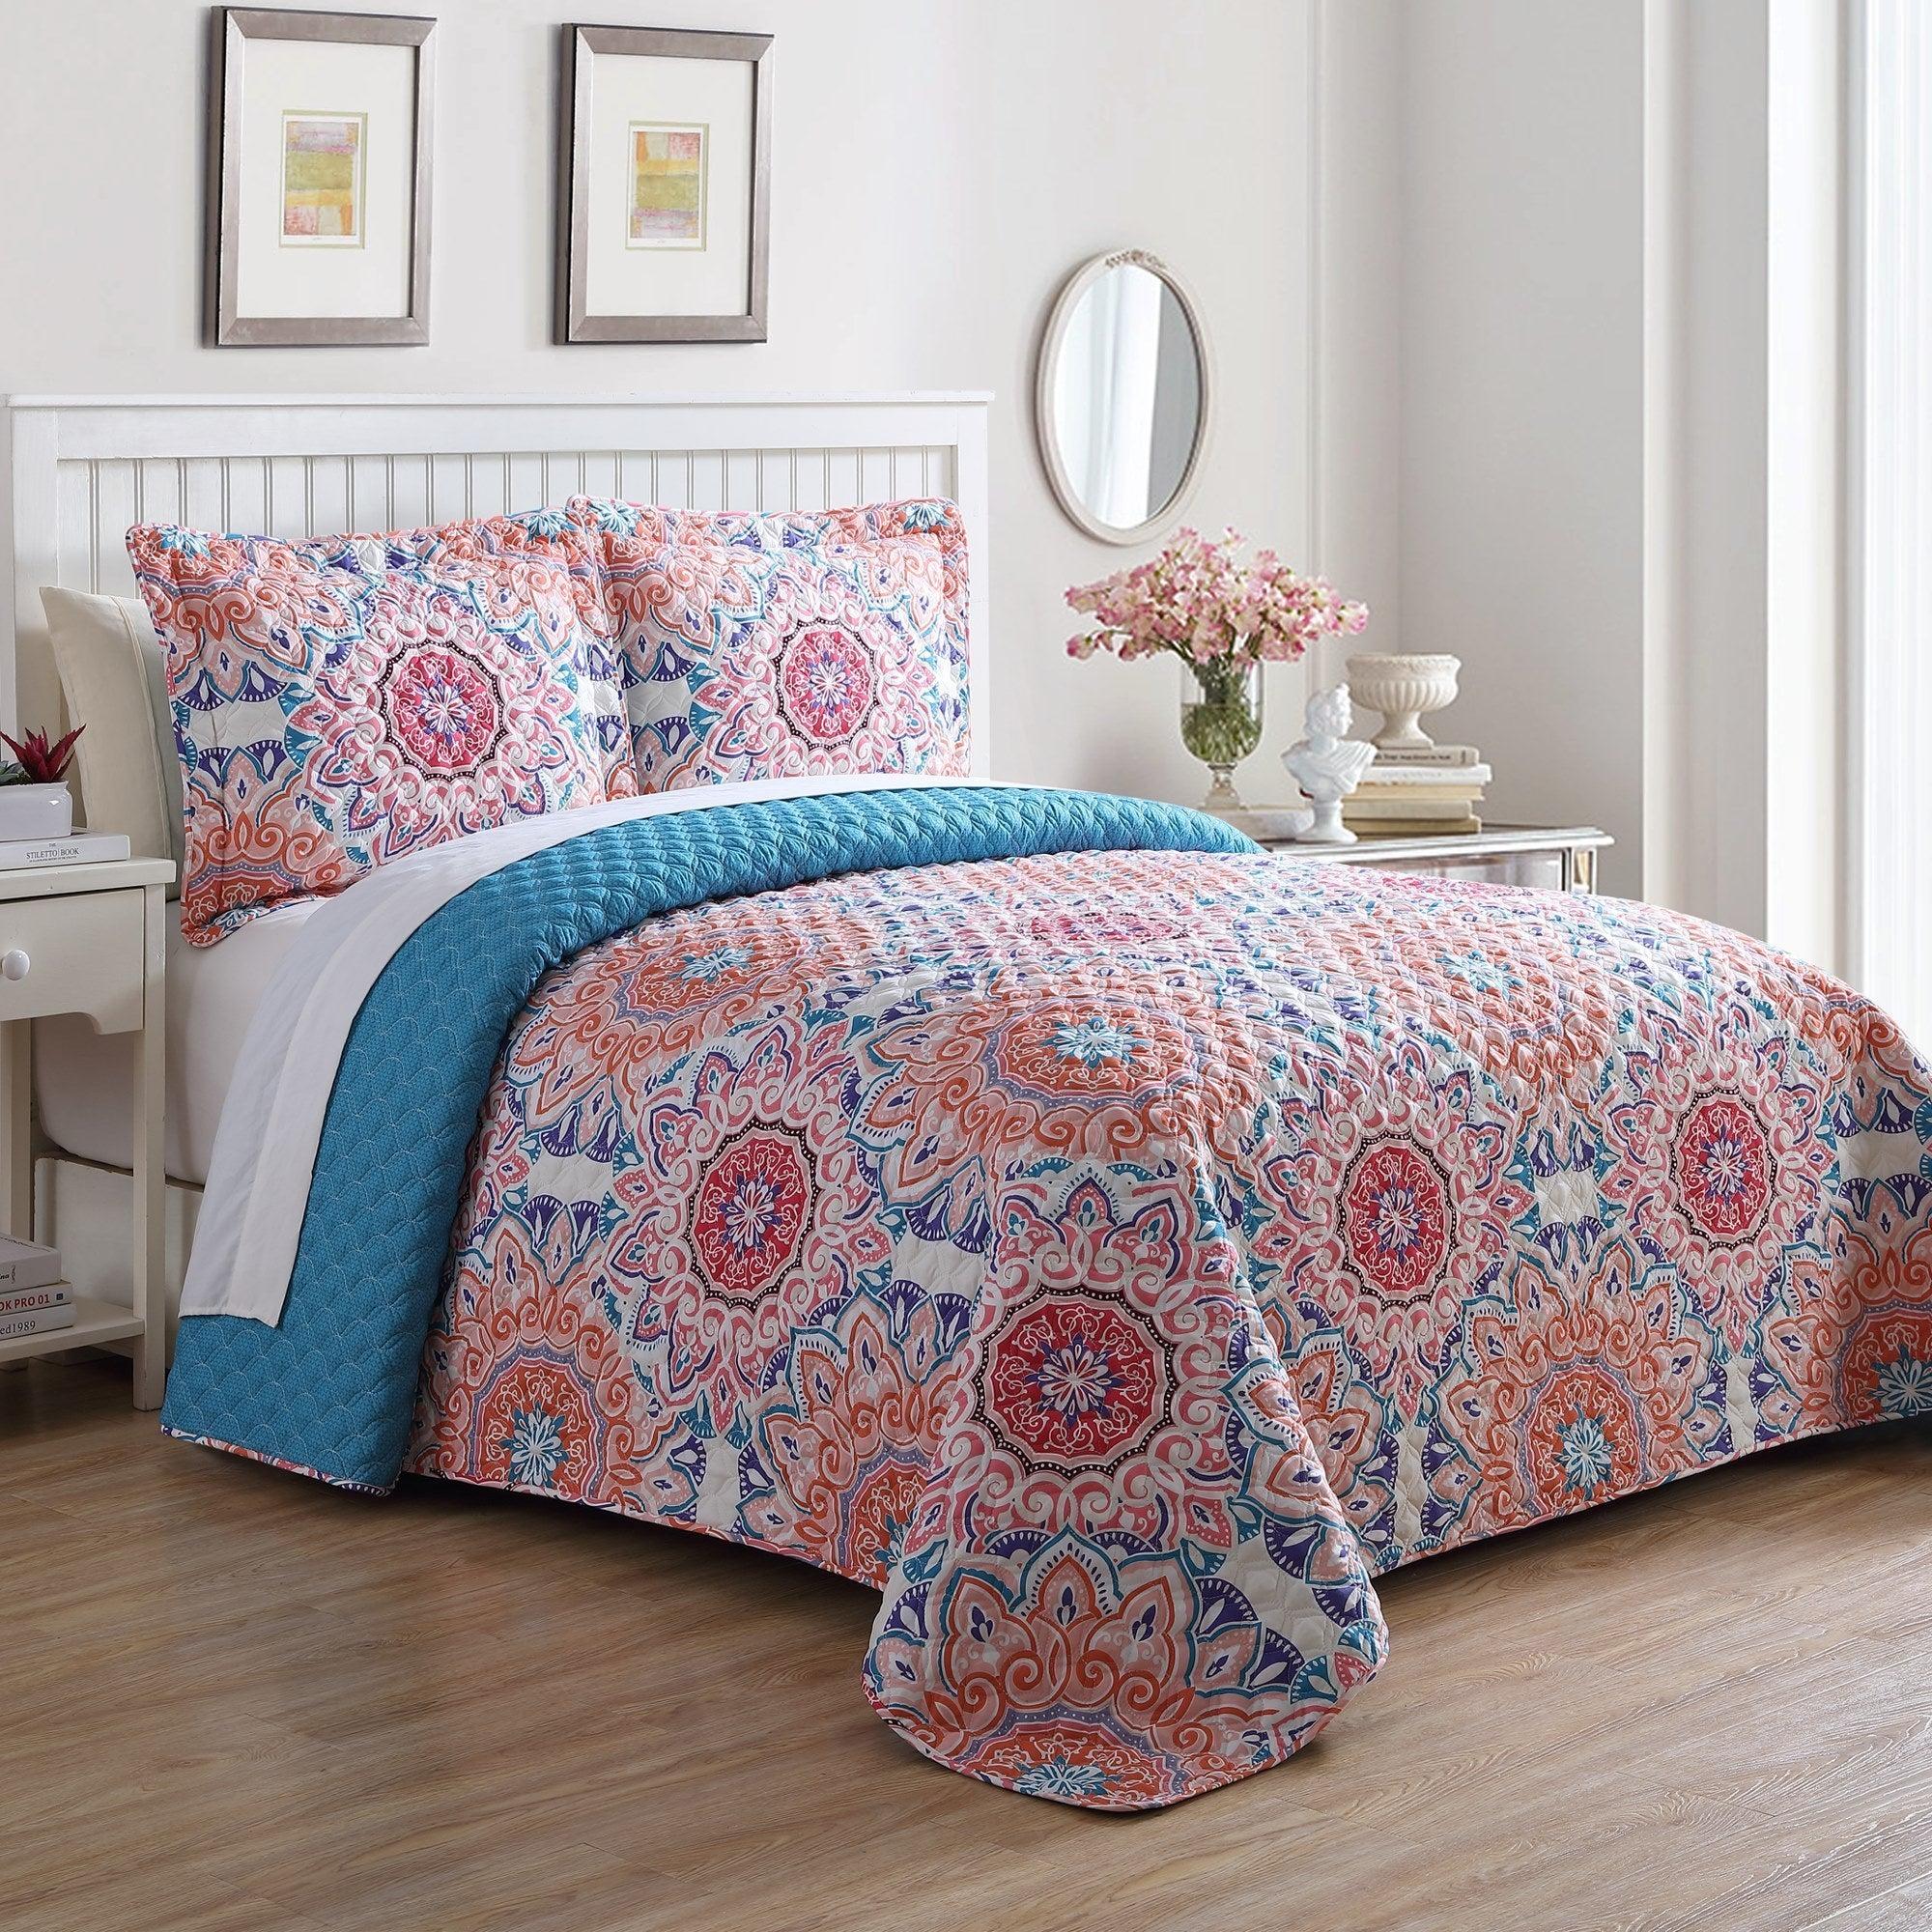 Valentina Tangerine and Aqua Bedspread Set